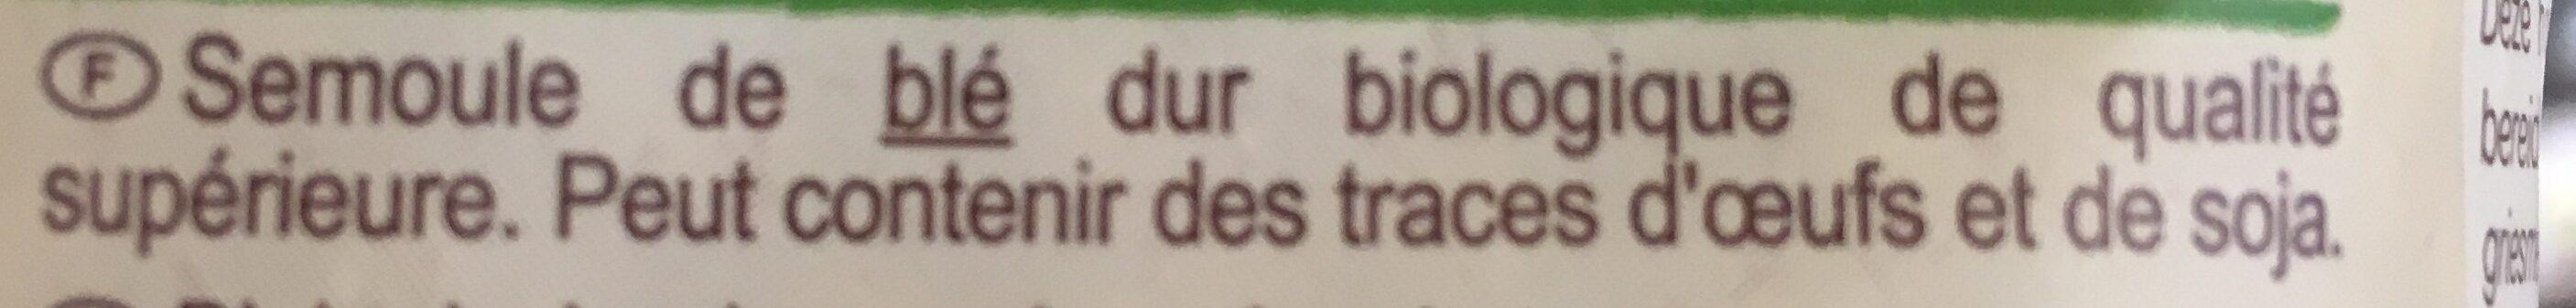 Coquillette Bio - Ingrédients - fr